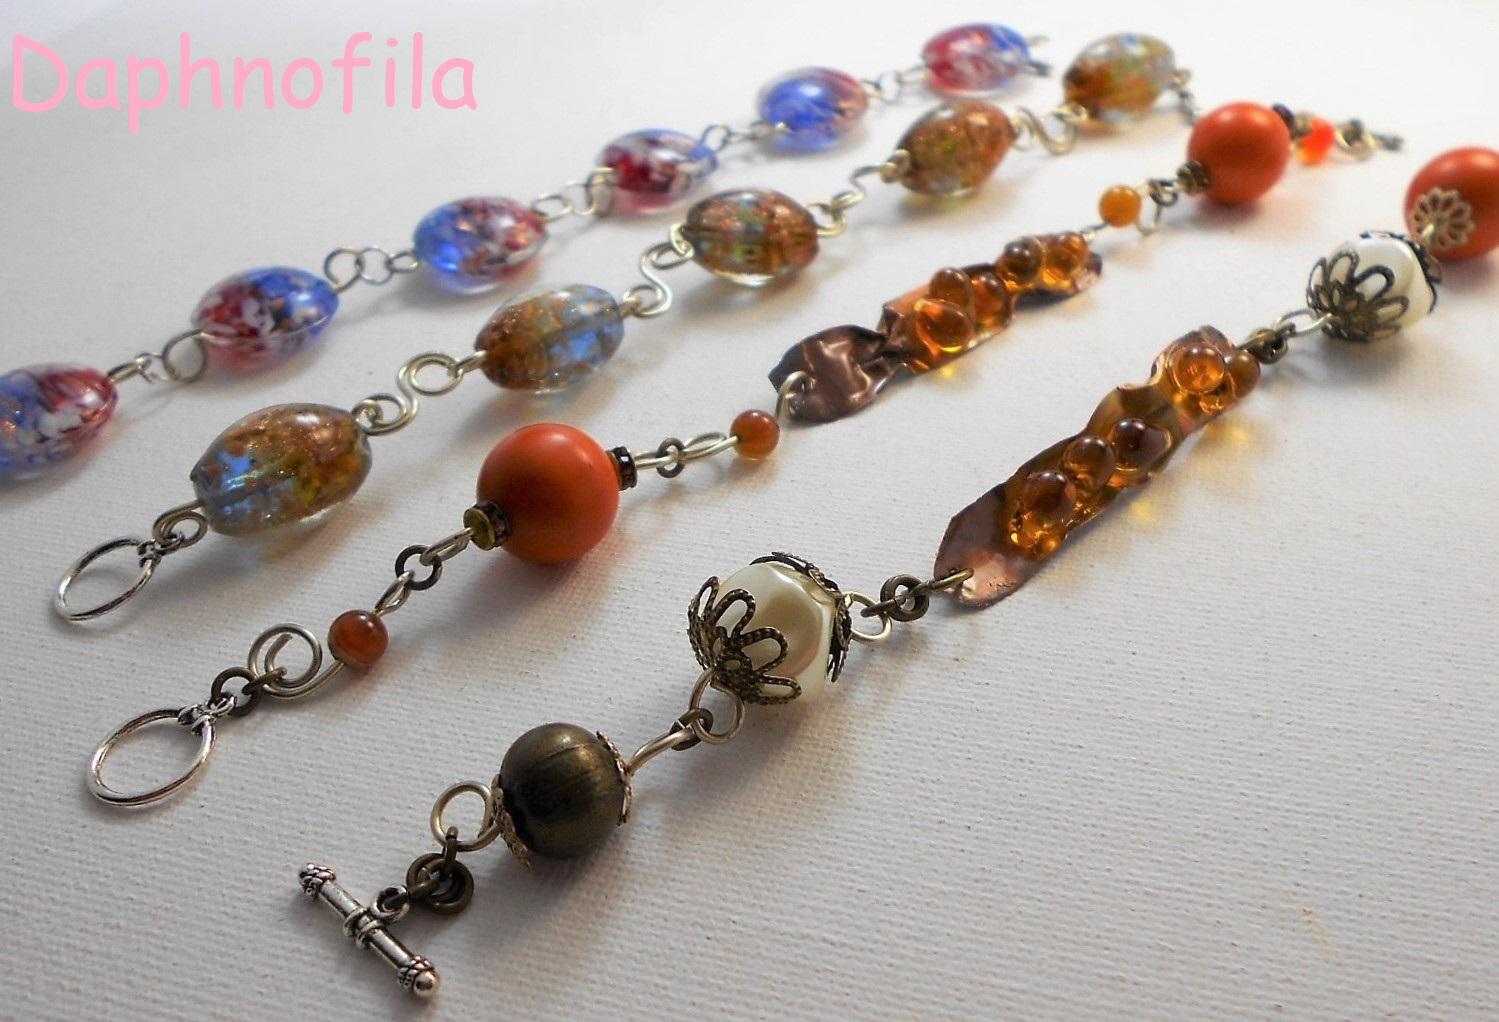 Daphnofila art jewelry cc4dfba3b7a